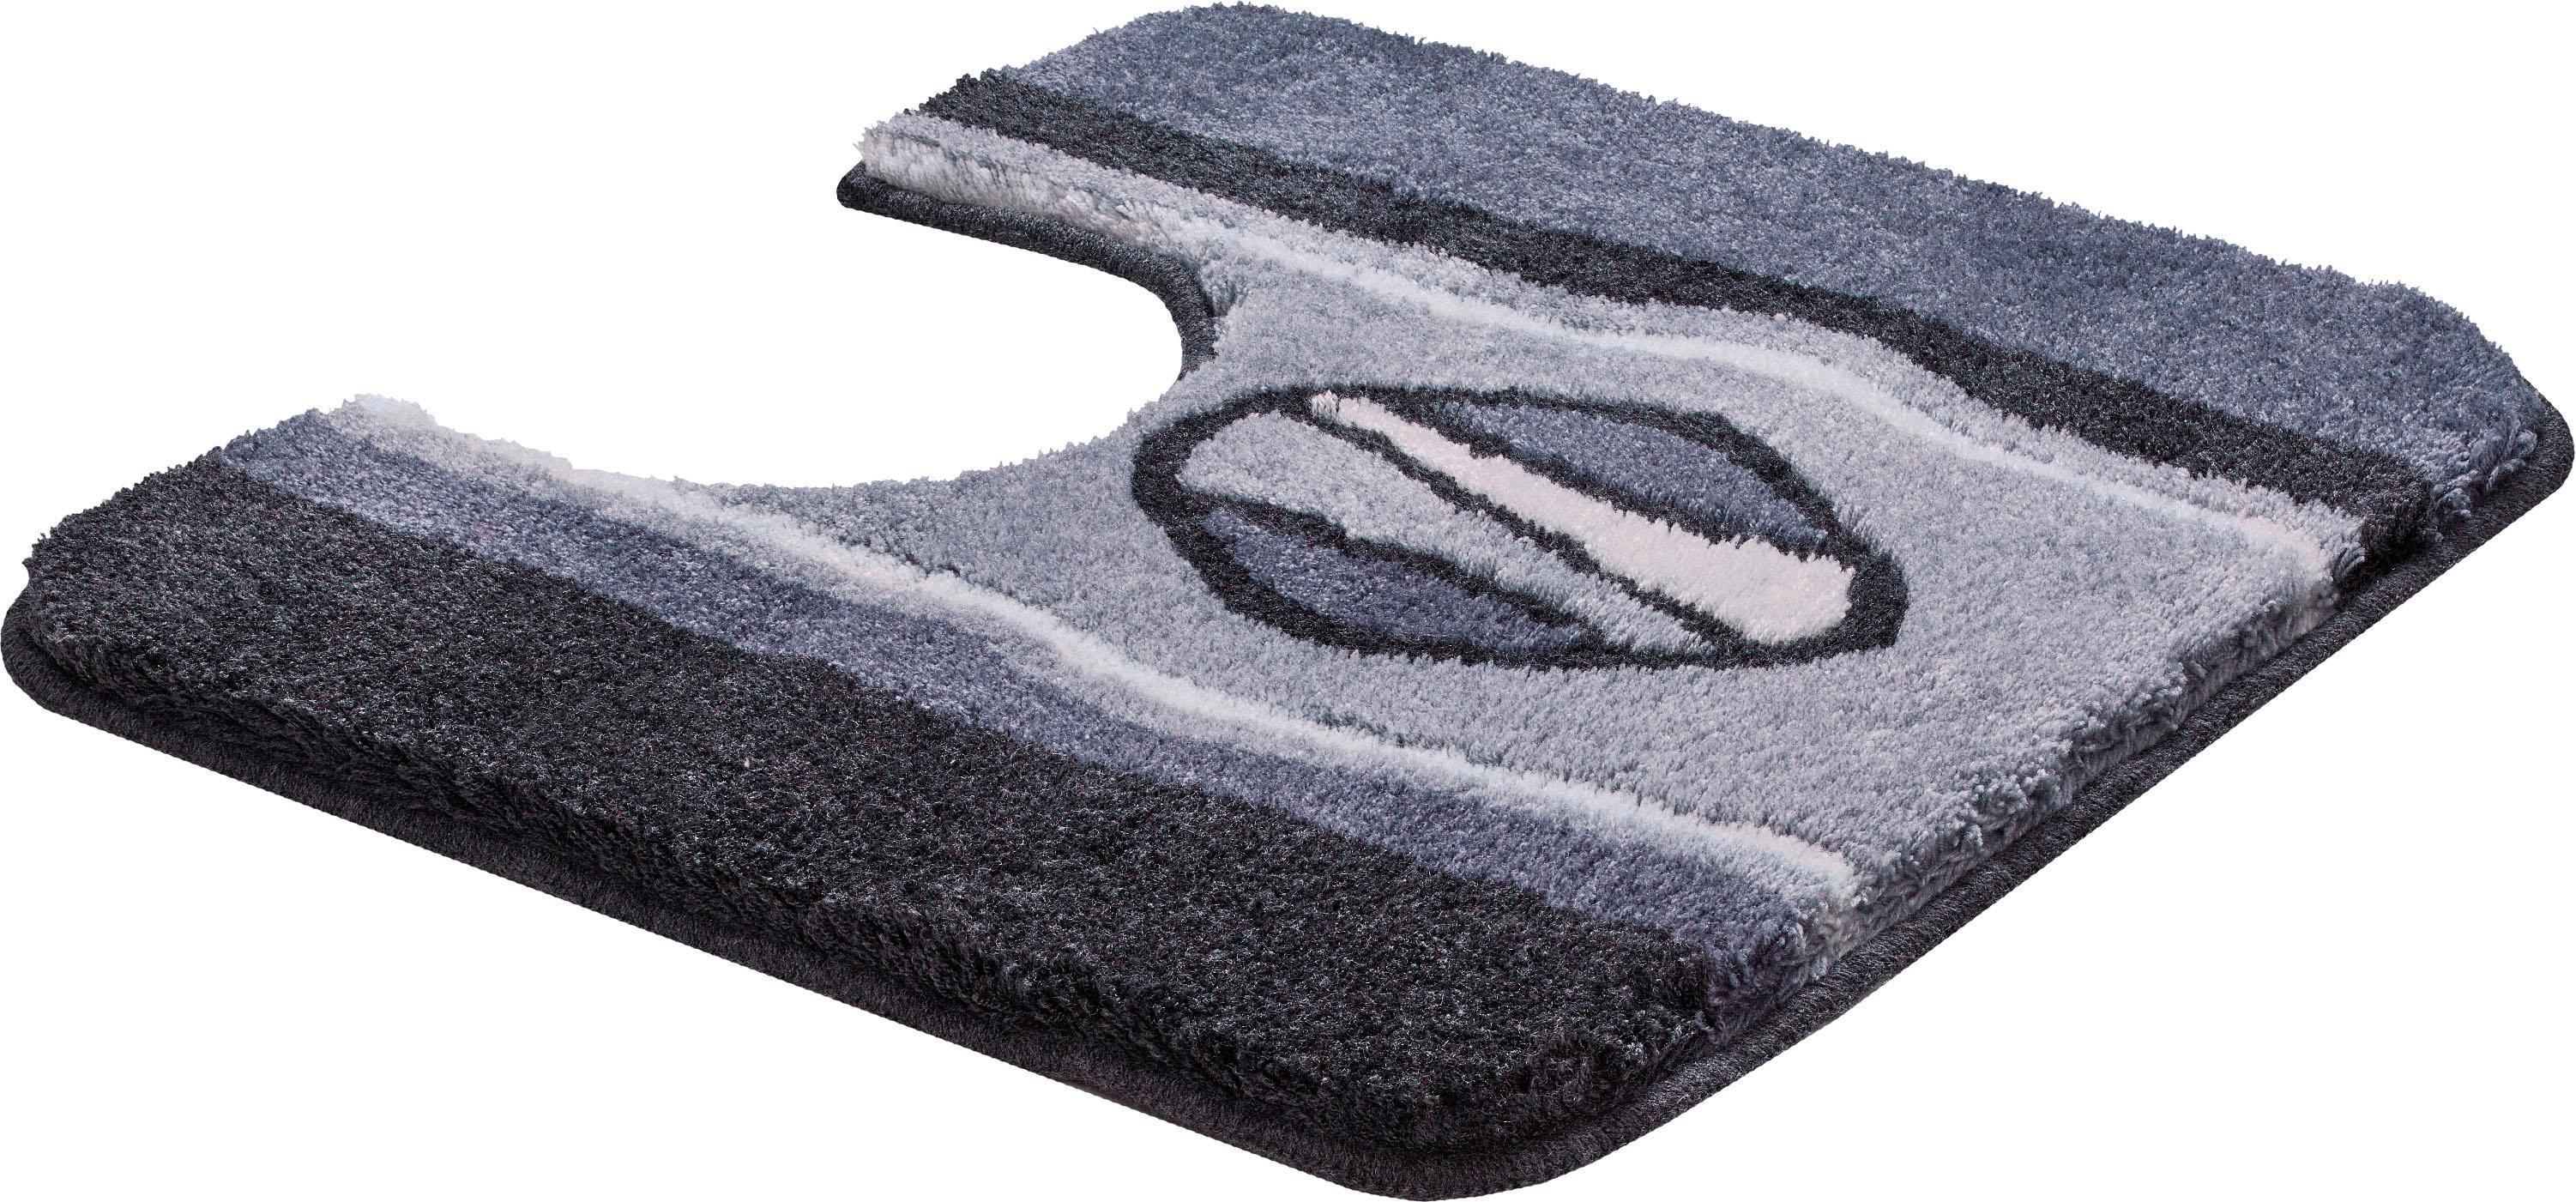 Badematte Jewel Grund Höhe 24 mm rutschhemmend beschichtet